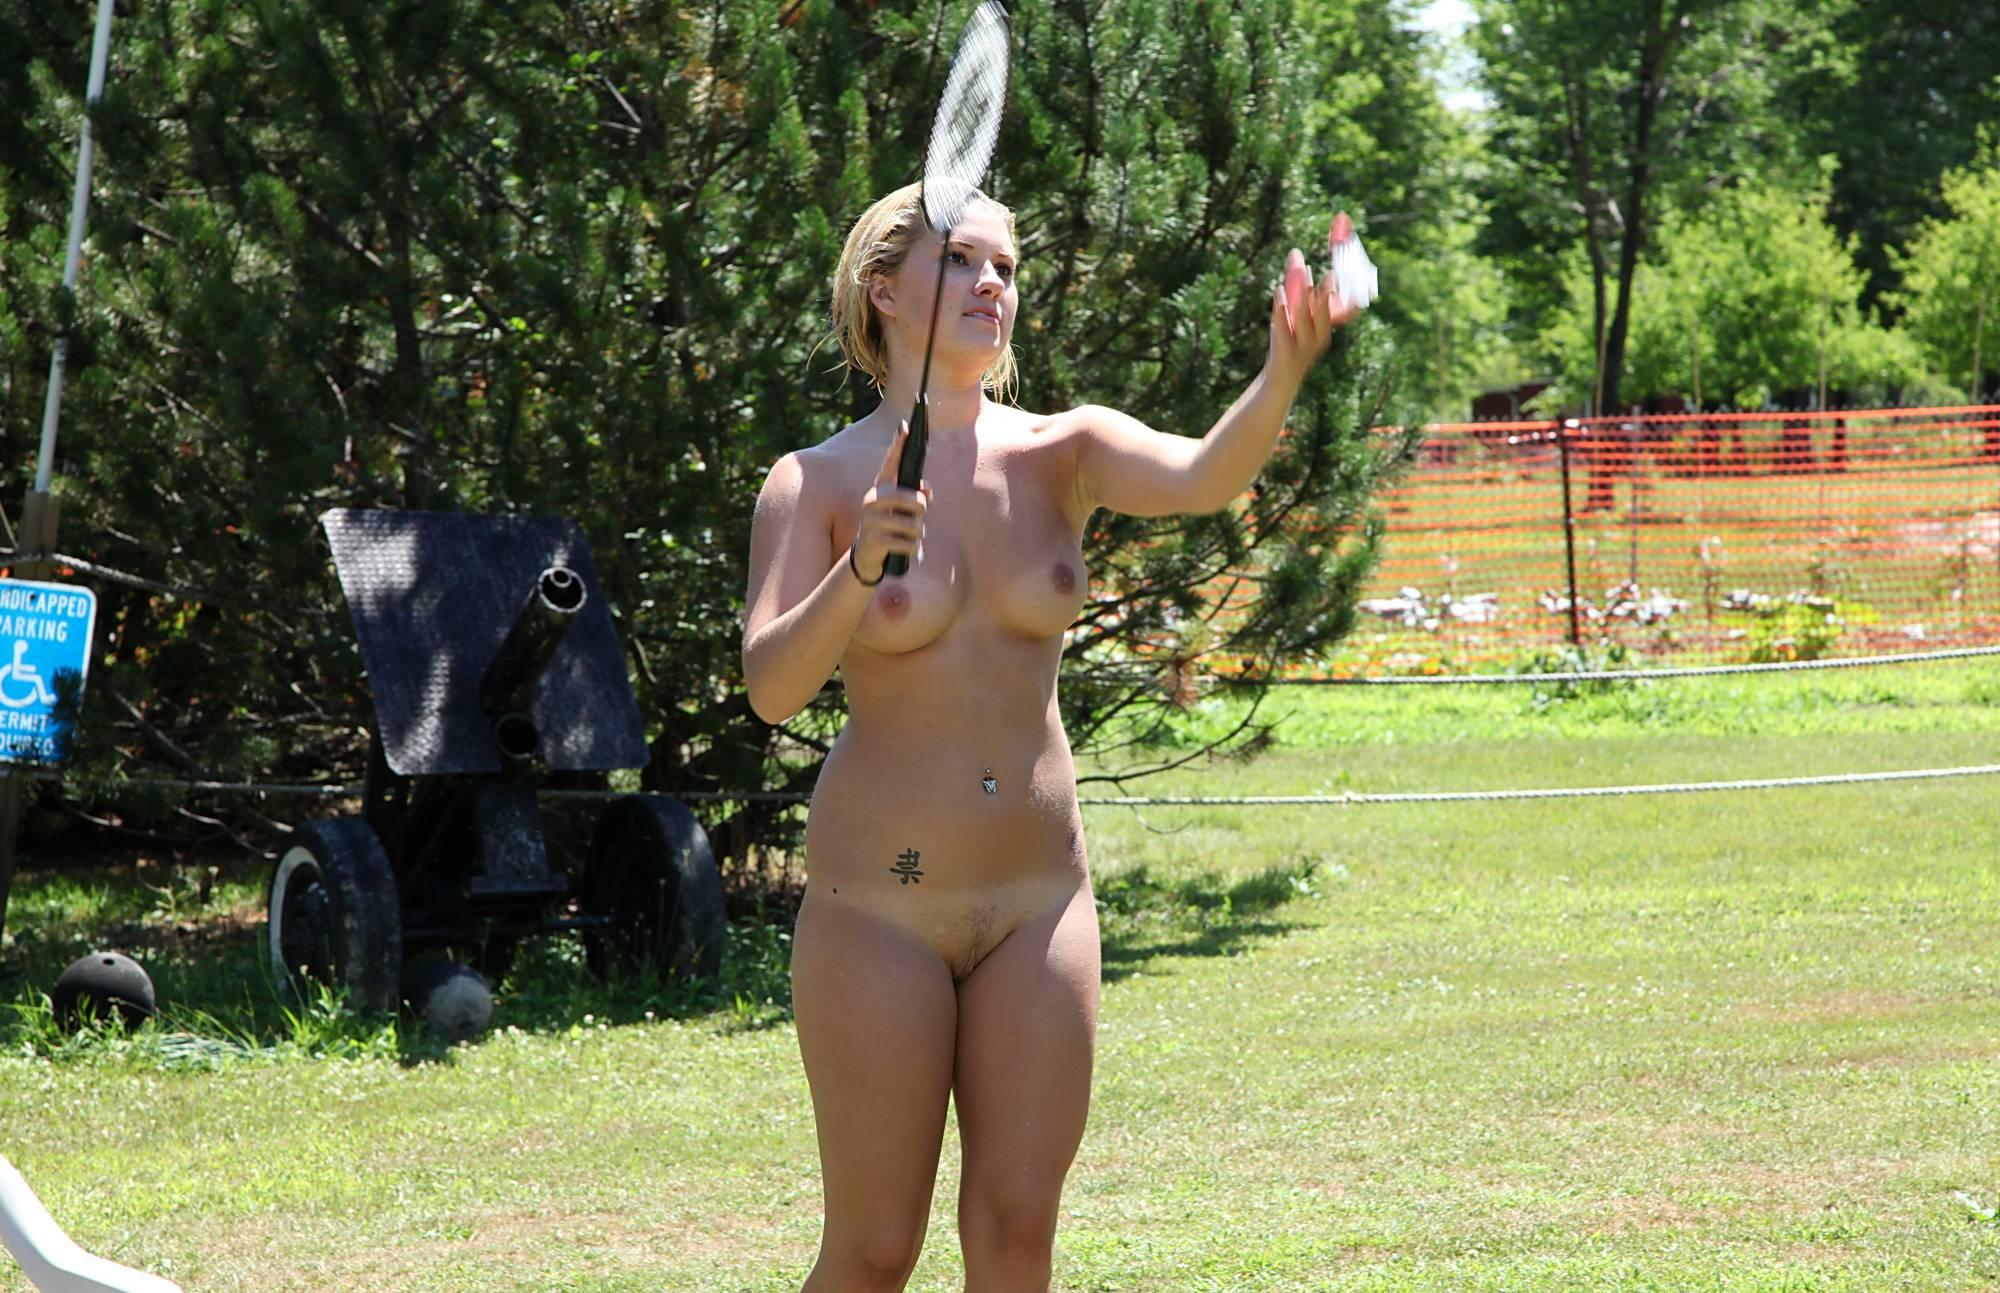 Purenudism Gallery-Nudist Badminton Game - 1